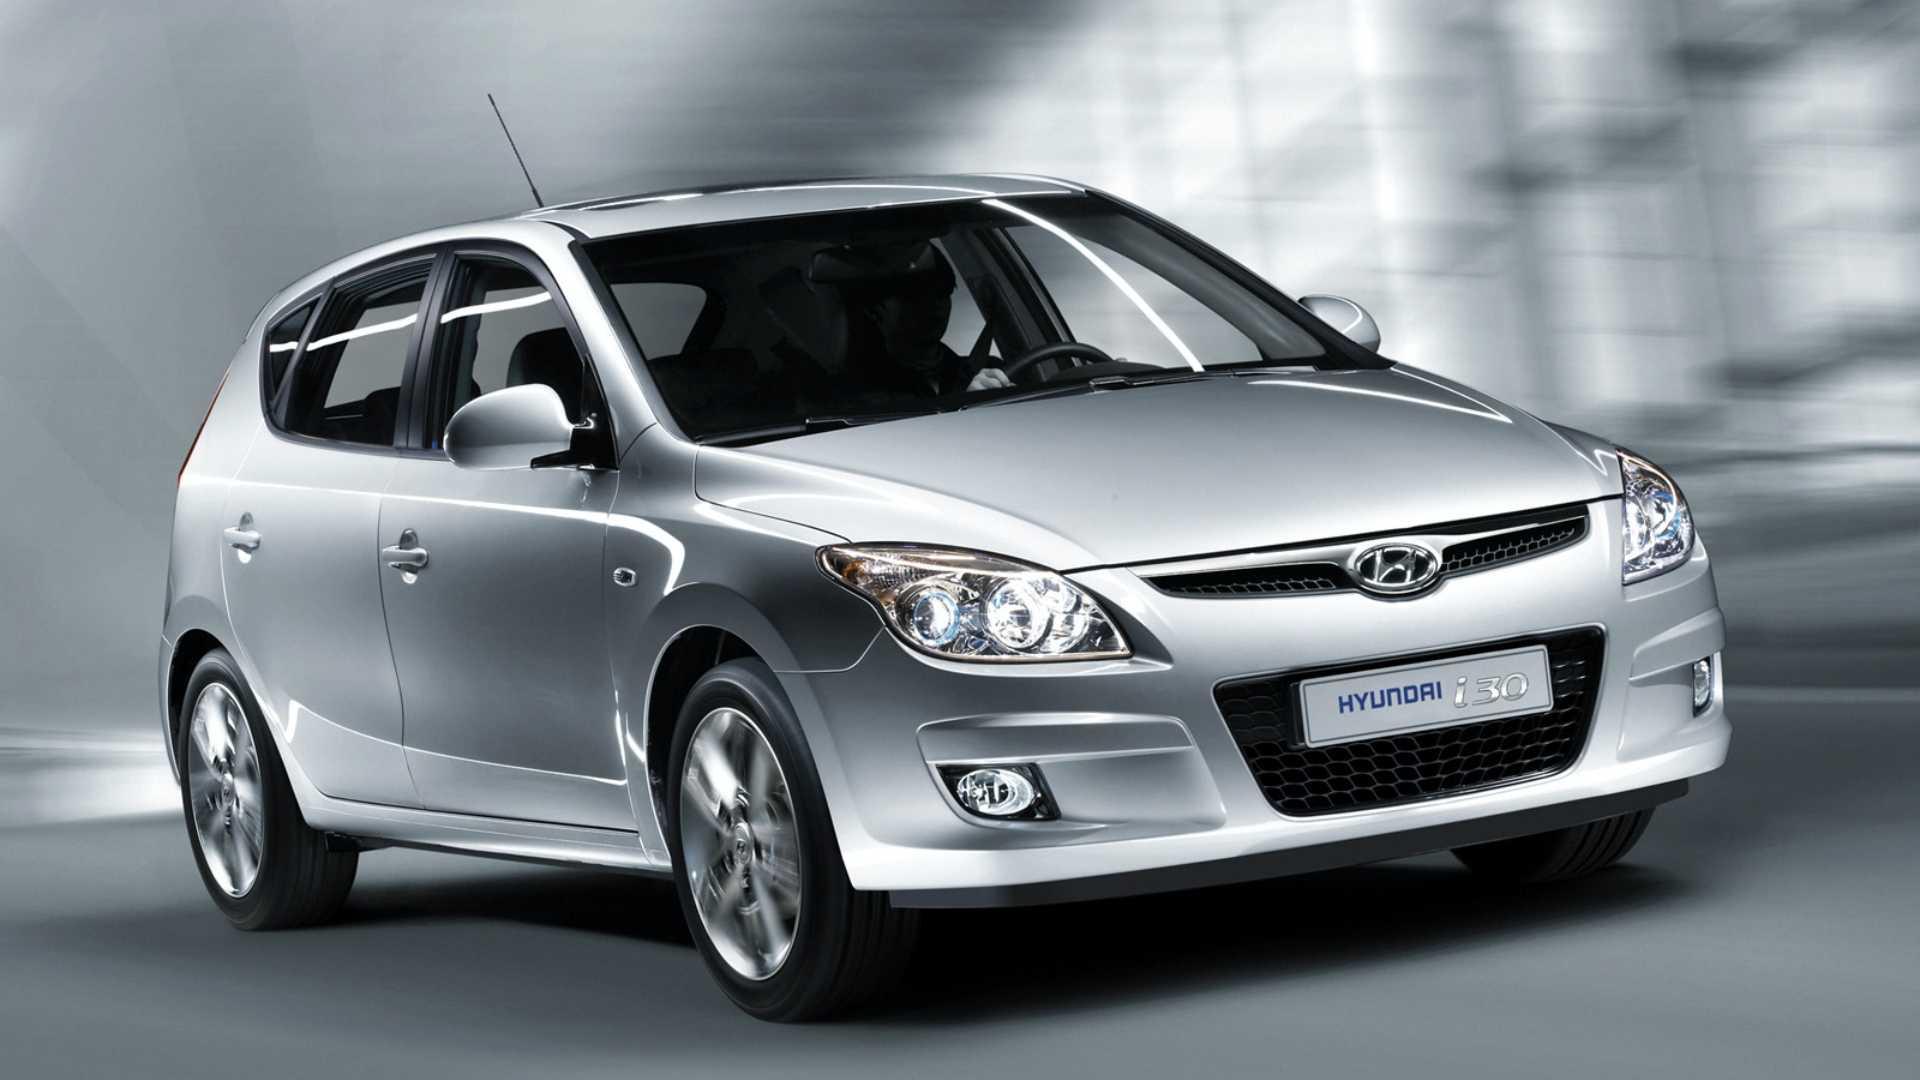 Hyundai i30 / i30-CW (4 vidros - apenas descida do motorista inteligente) SL60